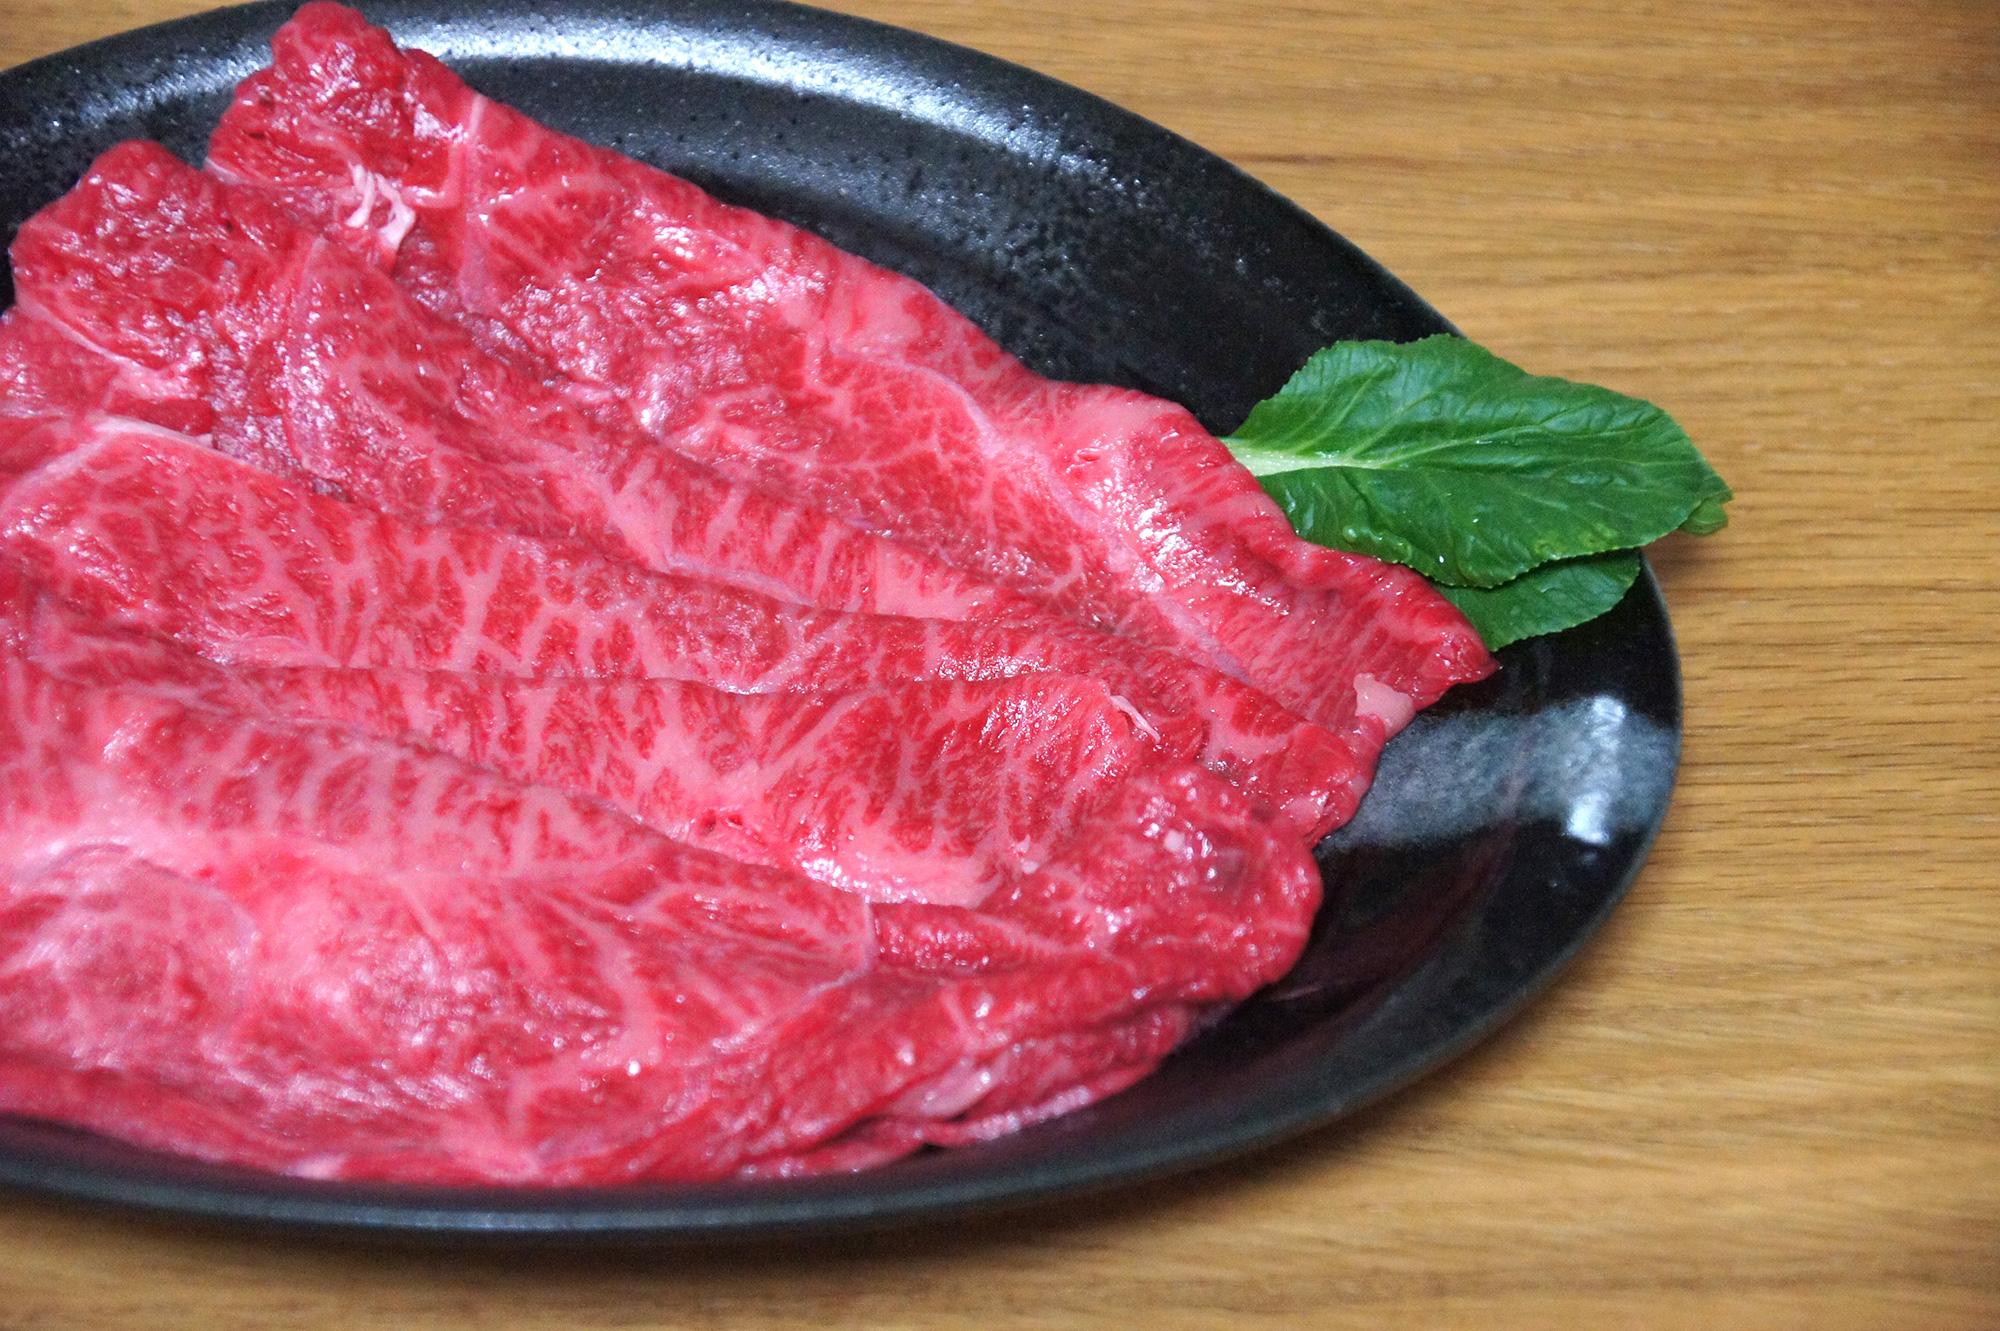 木のテーブルの上の牛肉の写真のフリー素材